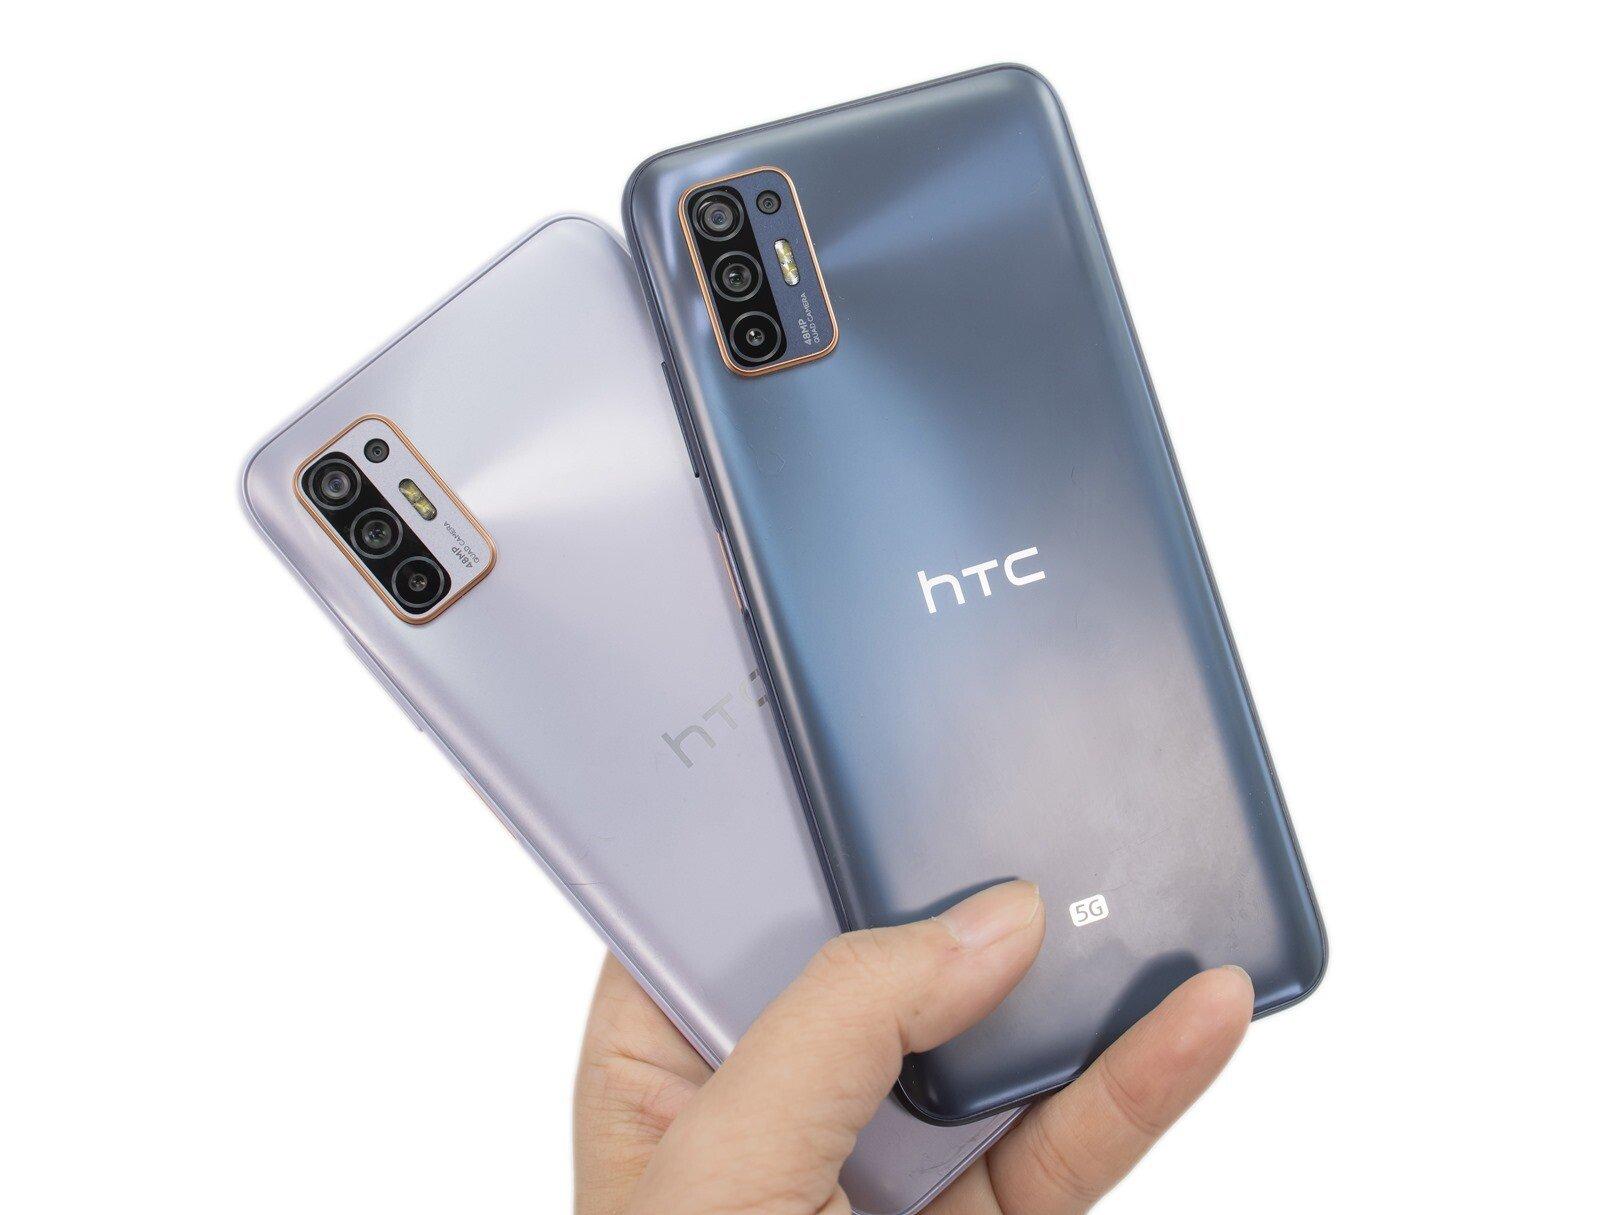 支援高更新率 + 高通 S690 處理器,HTC Deisre 21 Pro 5G 帶來親民 5G 手機選擇 @3C 達人廖阿輝